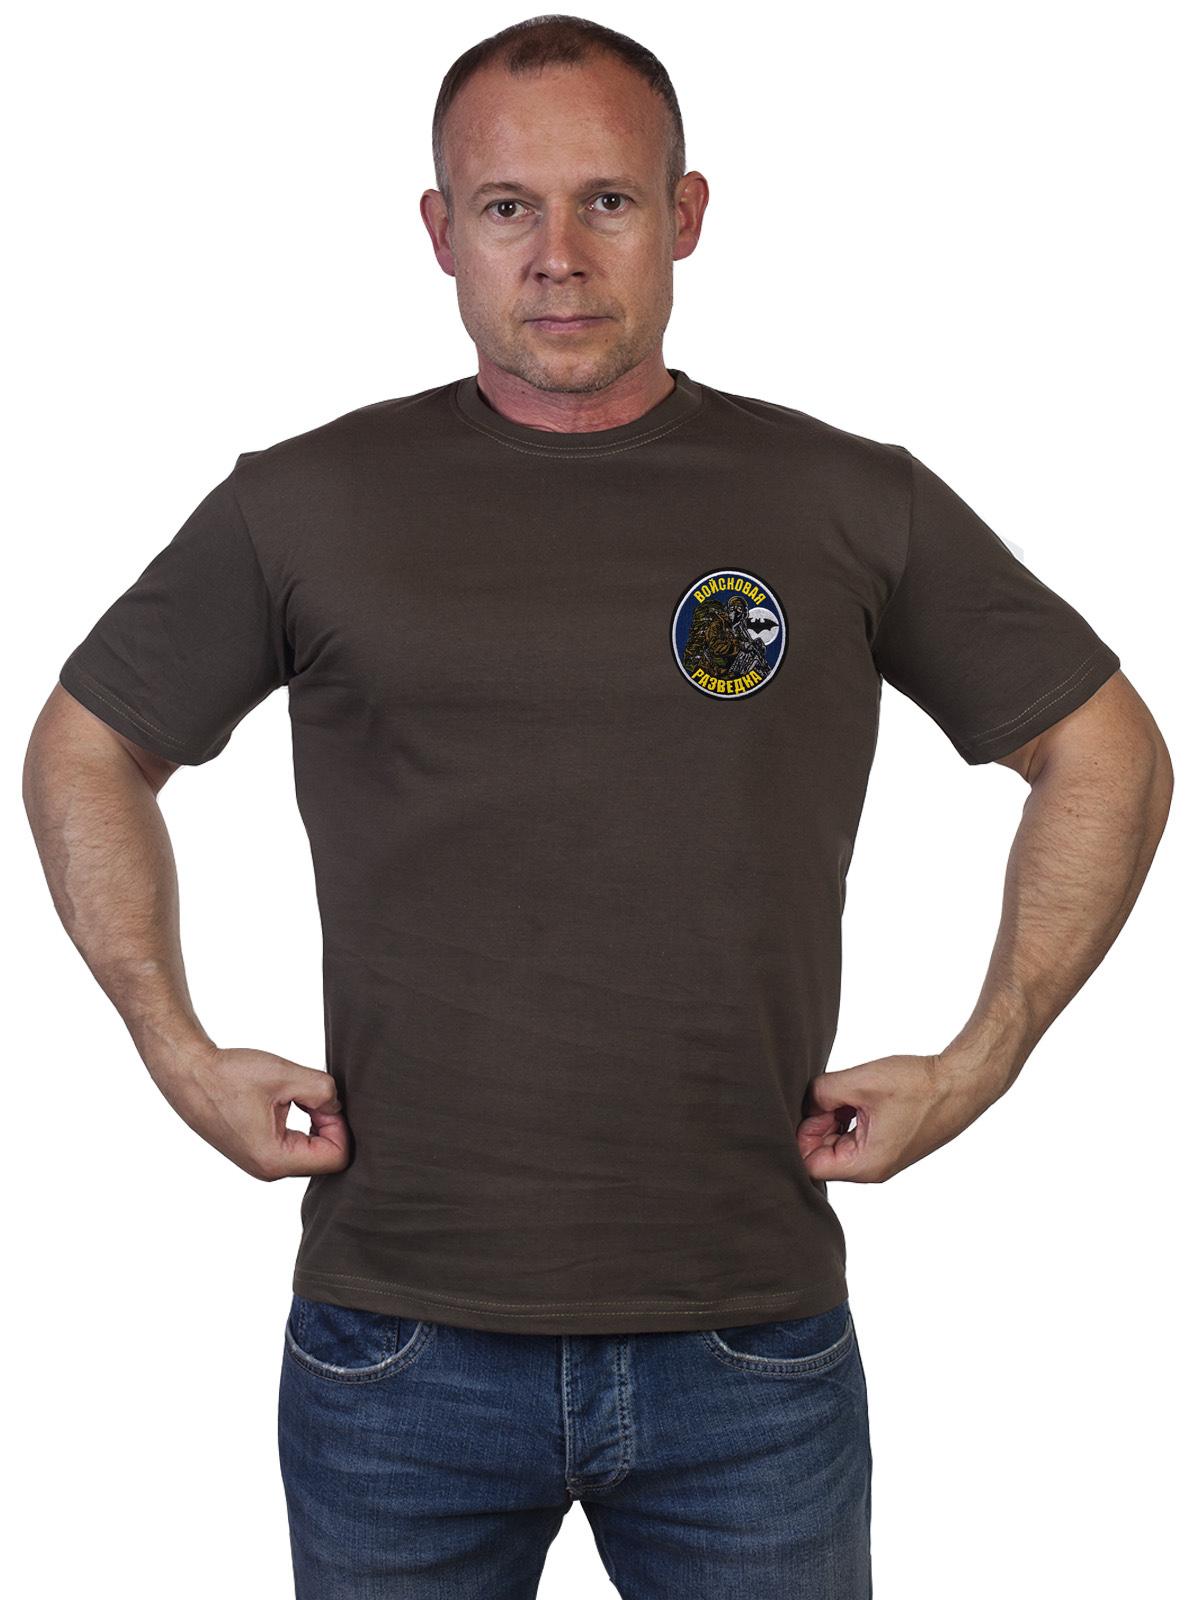 Оливковые футболки Разведка